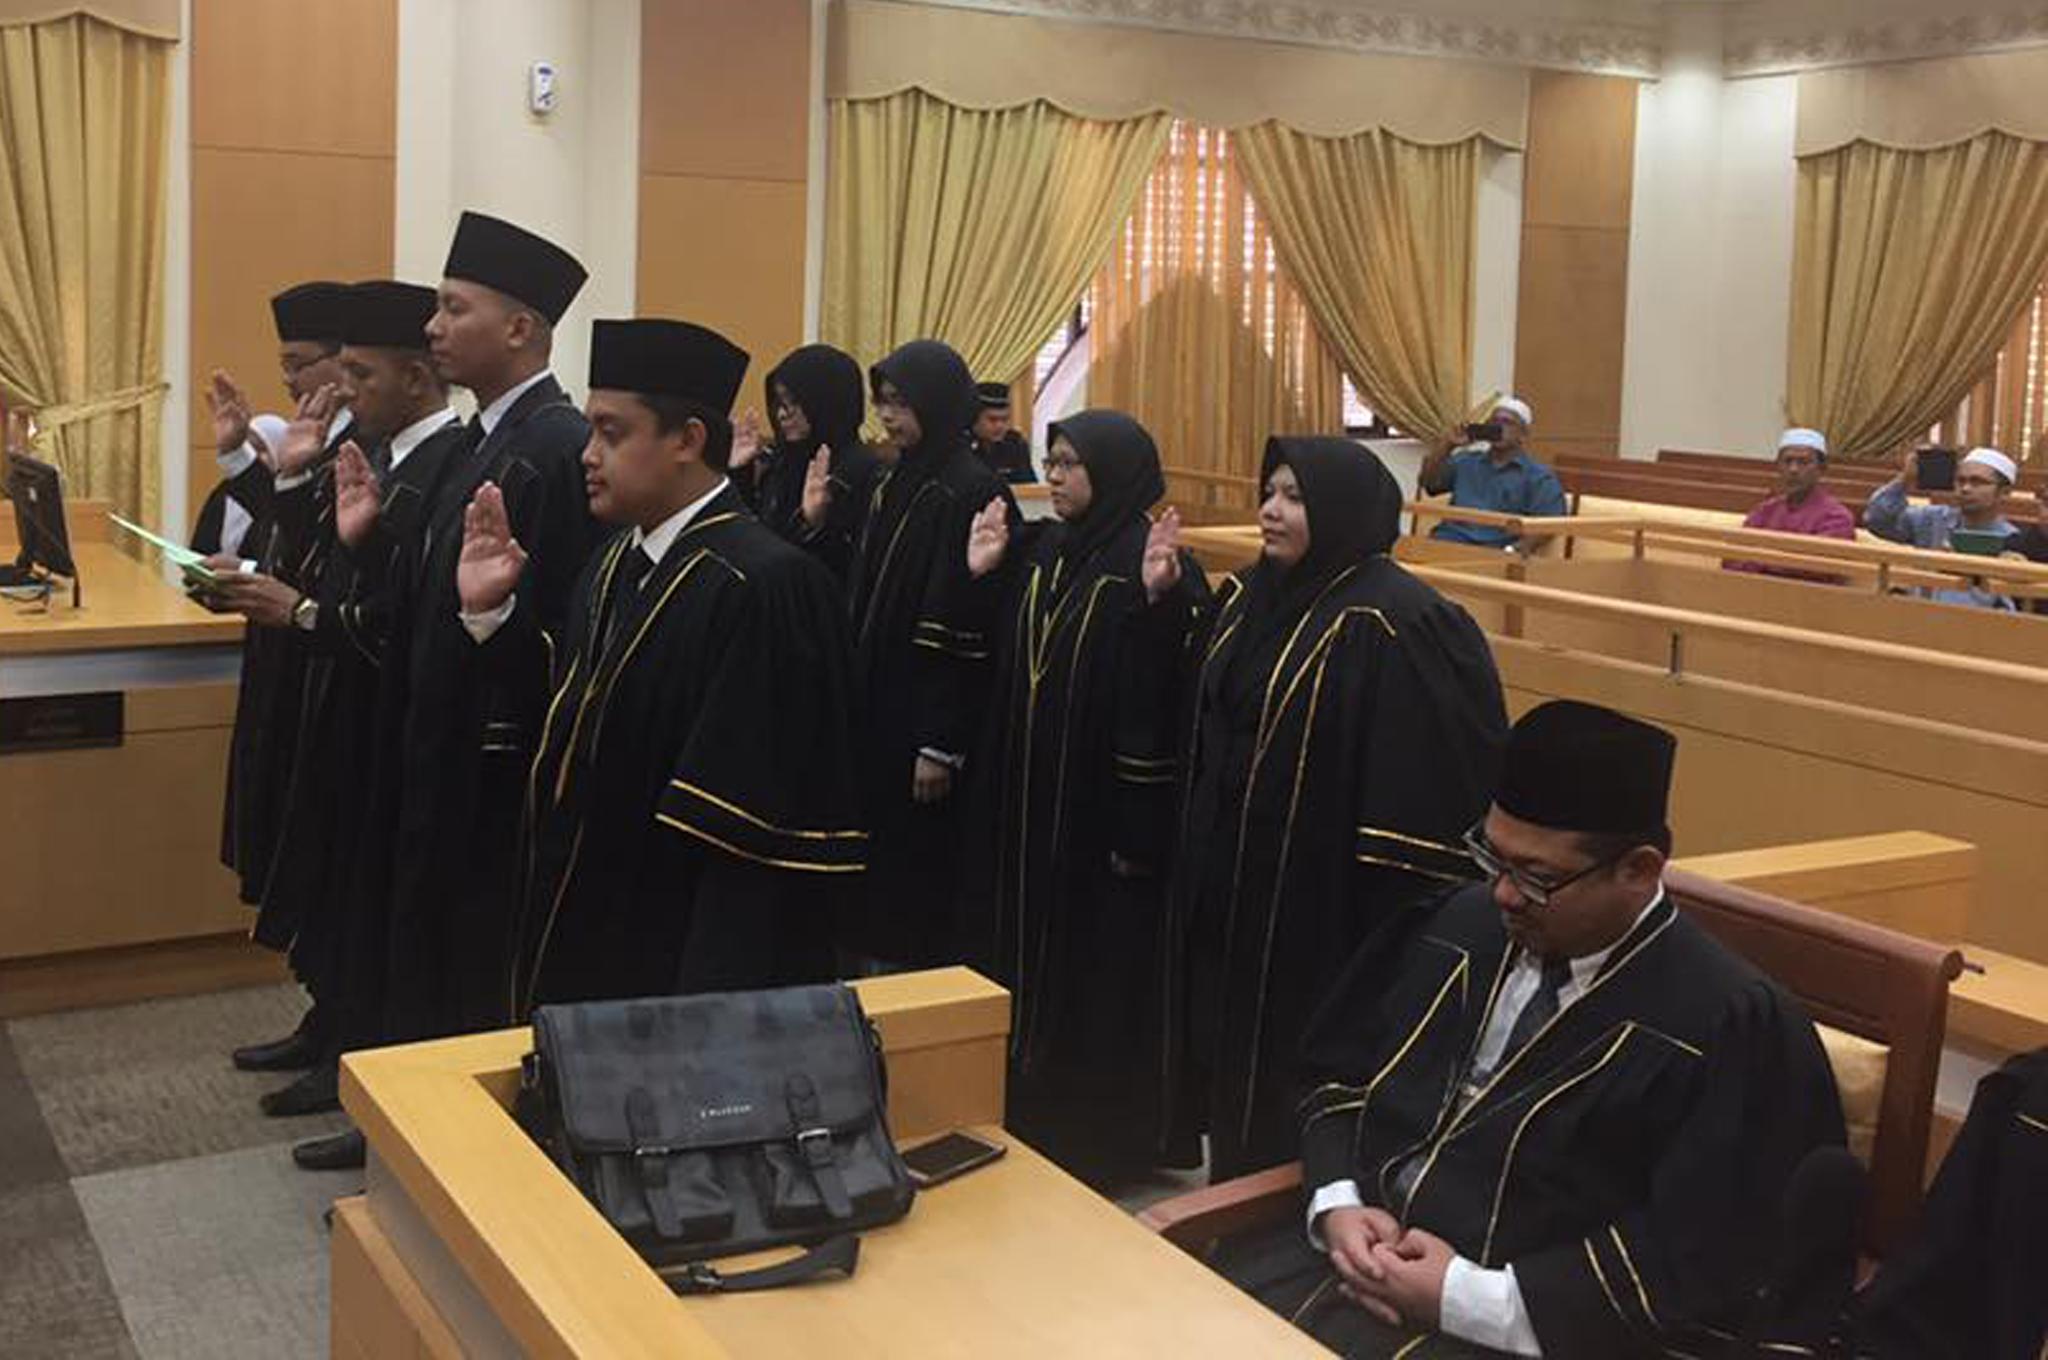 Majlis Penyampaian Sijil Peguam Syarie (Peguam Baru) dan Sijil Amalan Guaman Syarie Negeri Johor Tahun 2019 pada 03 Januari 2019.